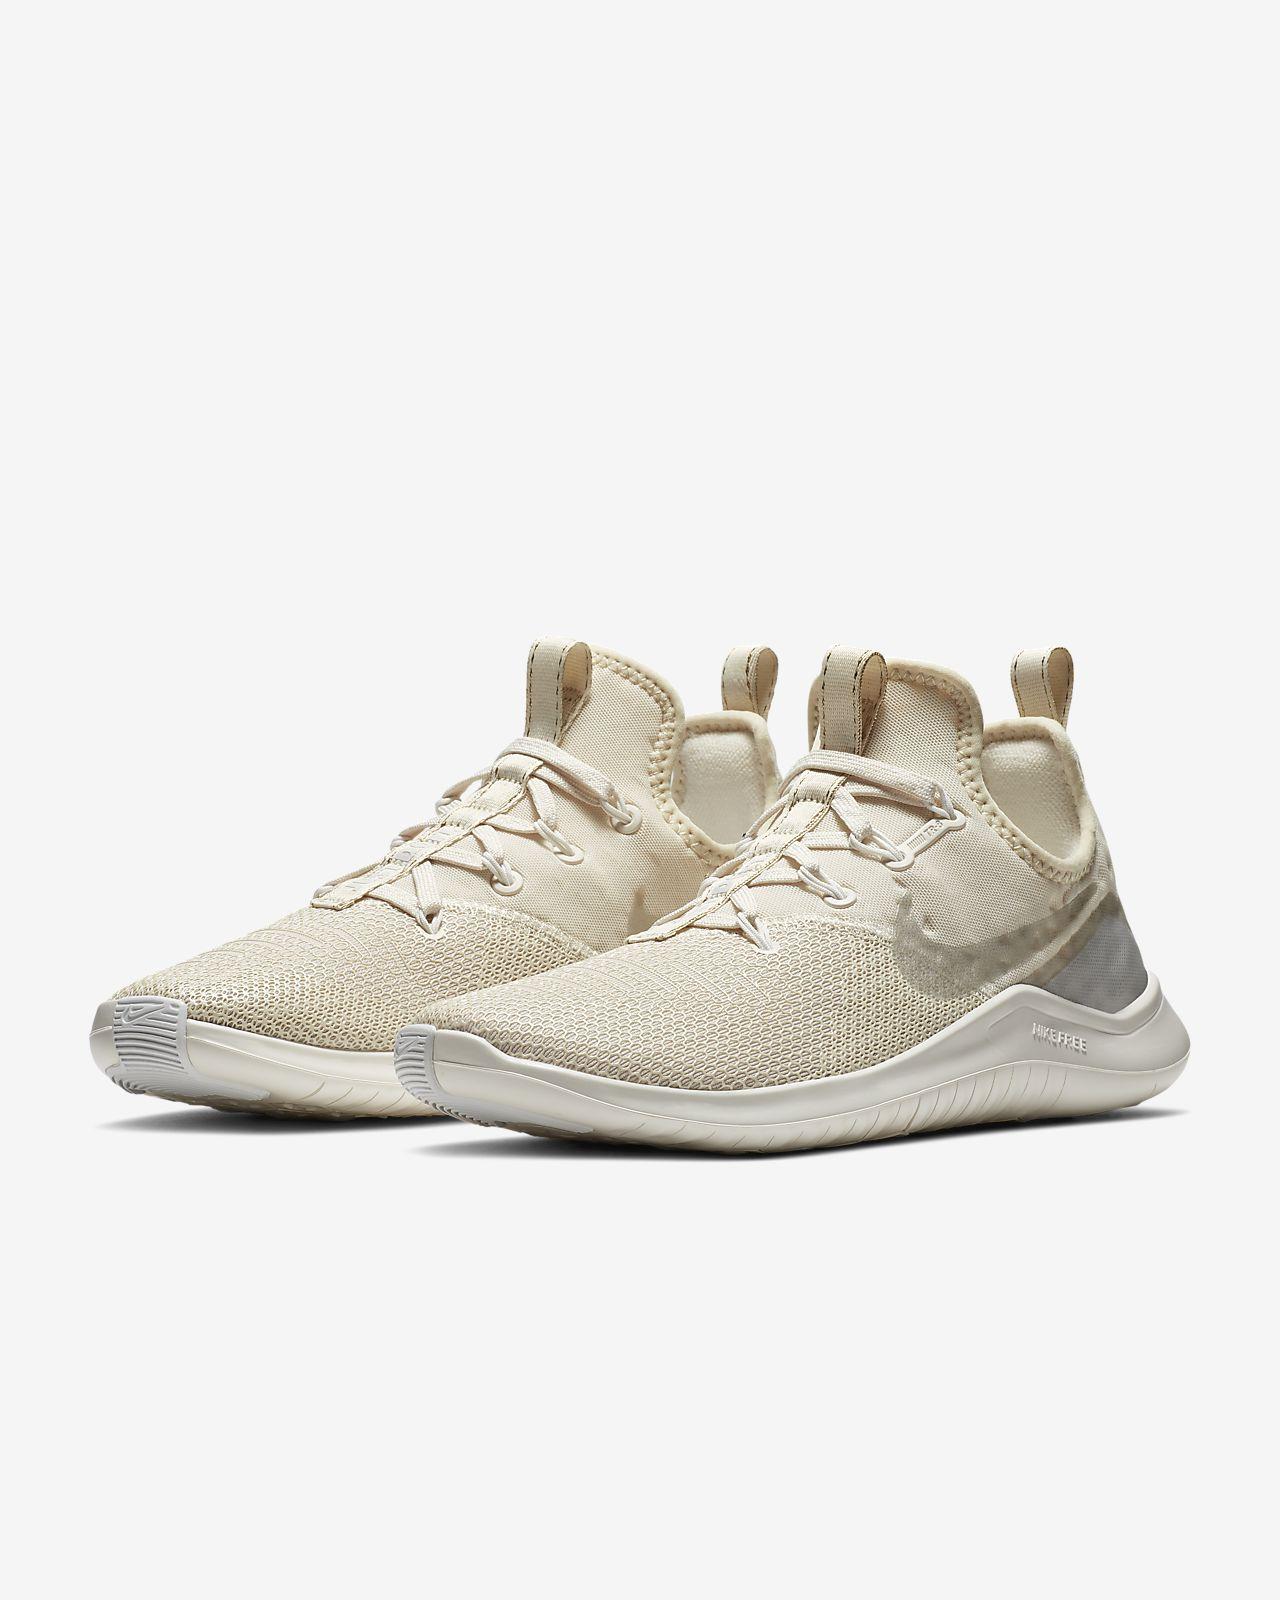 07c46b8f025 Nike Free TR 8 Champagne Women s Training Shoe. Nike.com SG